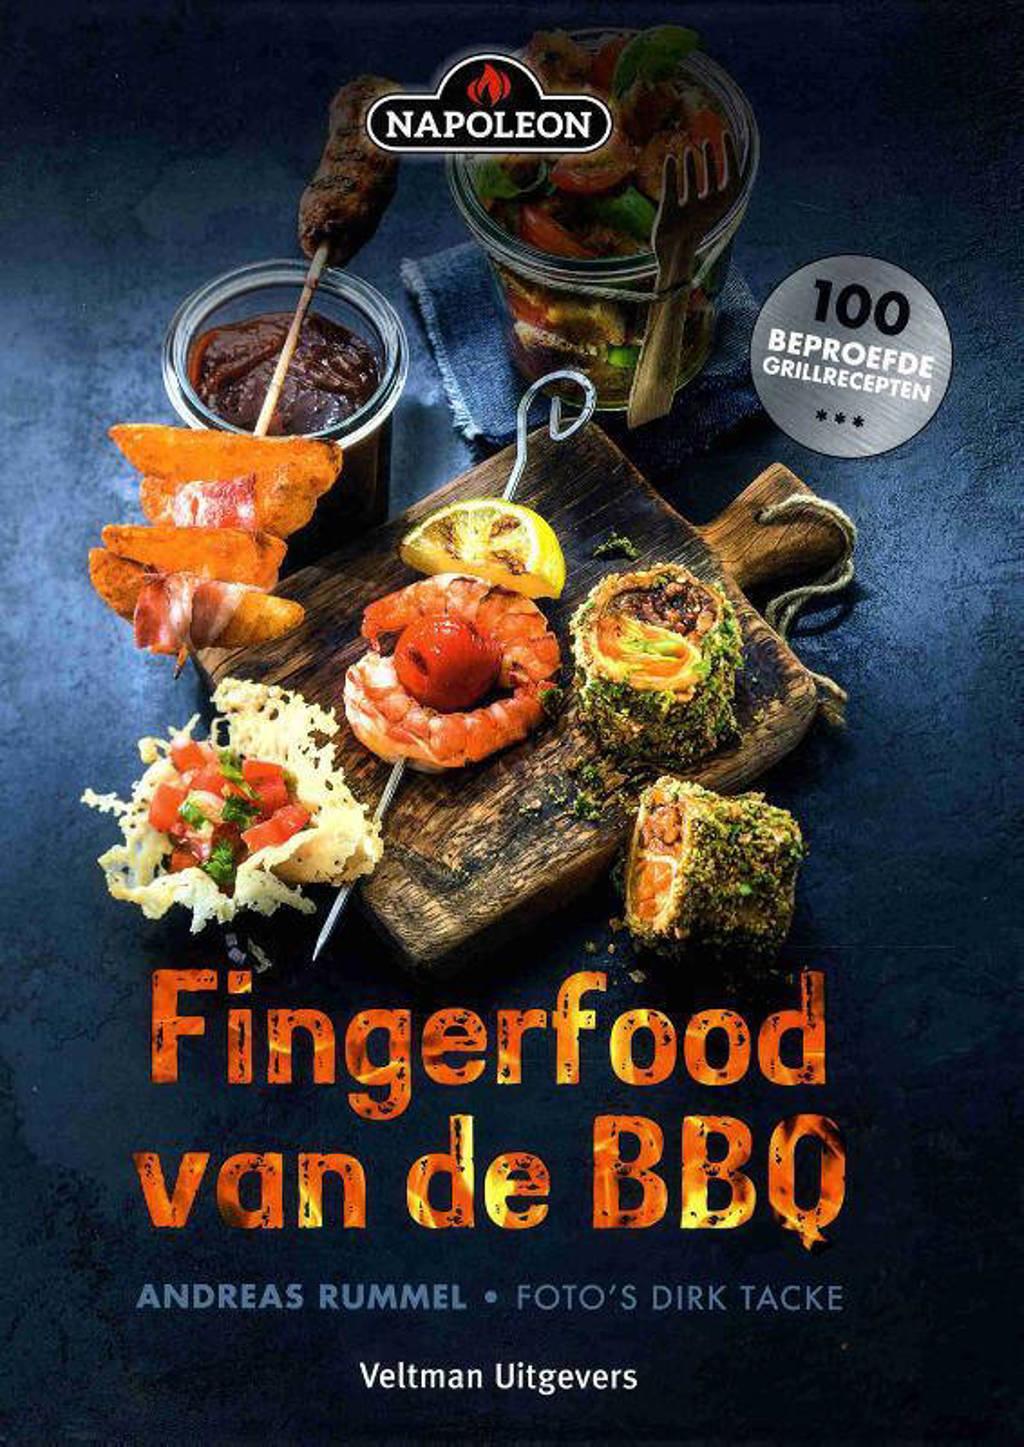 Fingerfood van de BBQ - Andreas Rummel